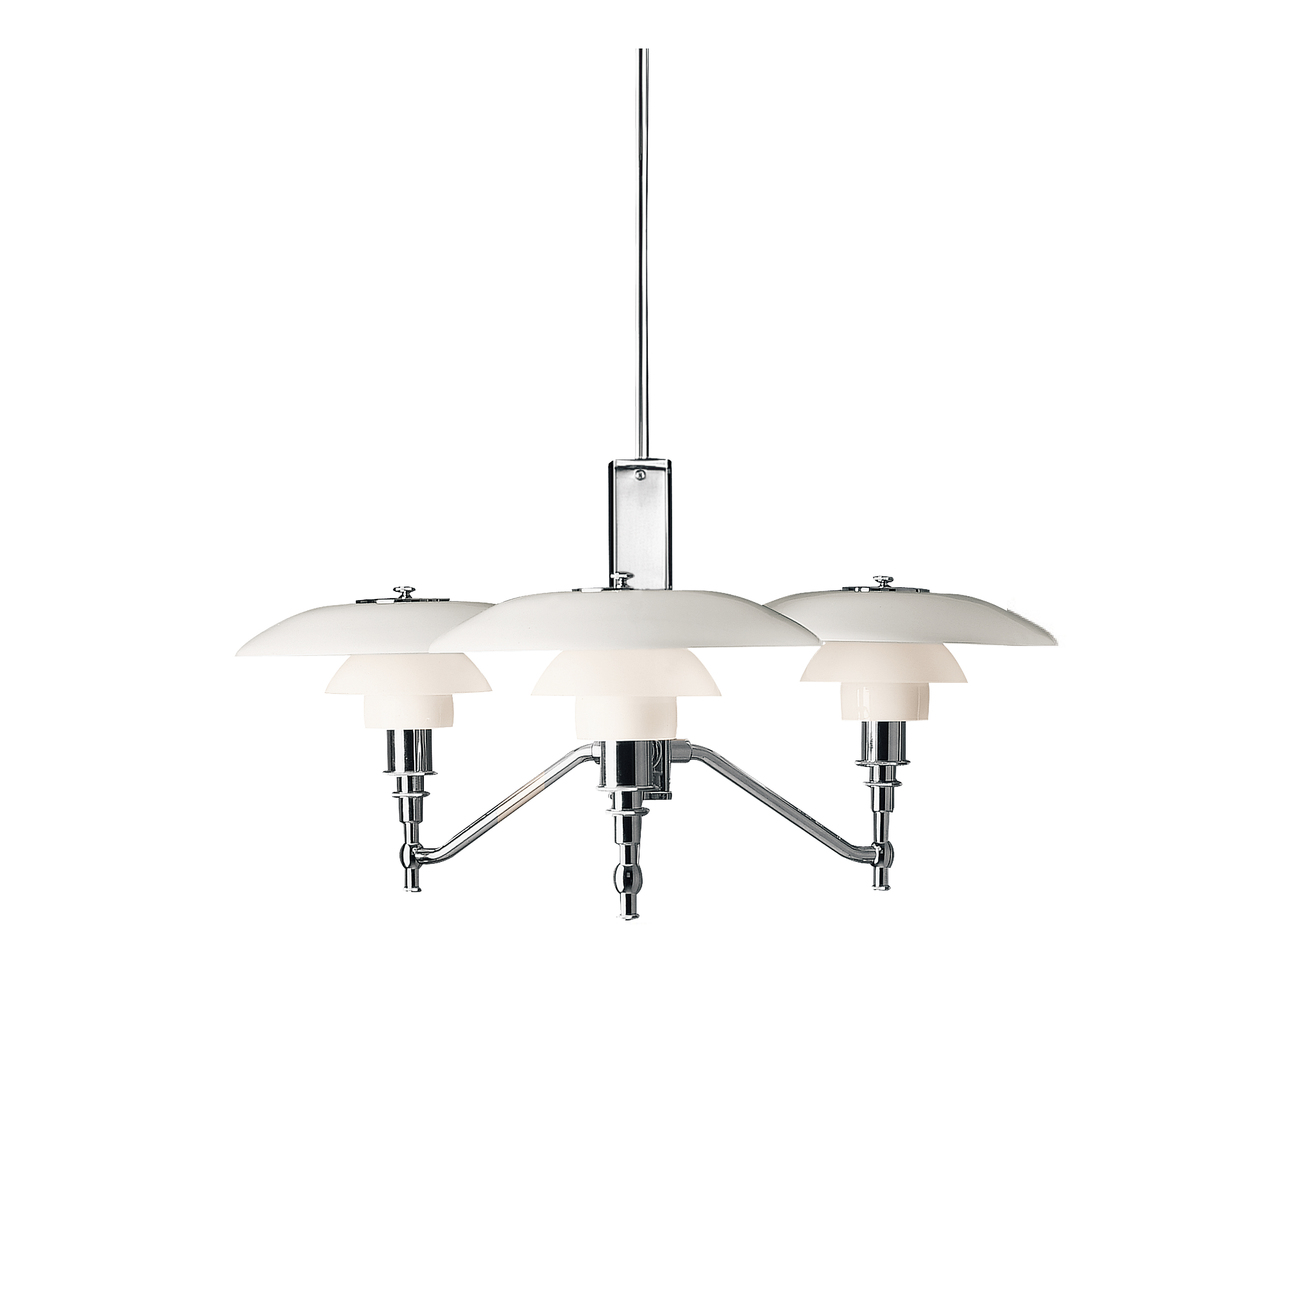 Louis Poulsen PH 3/2 Acedemy hanglamp